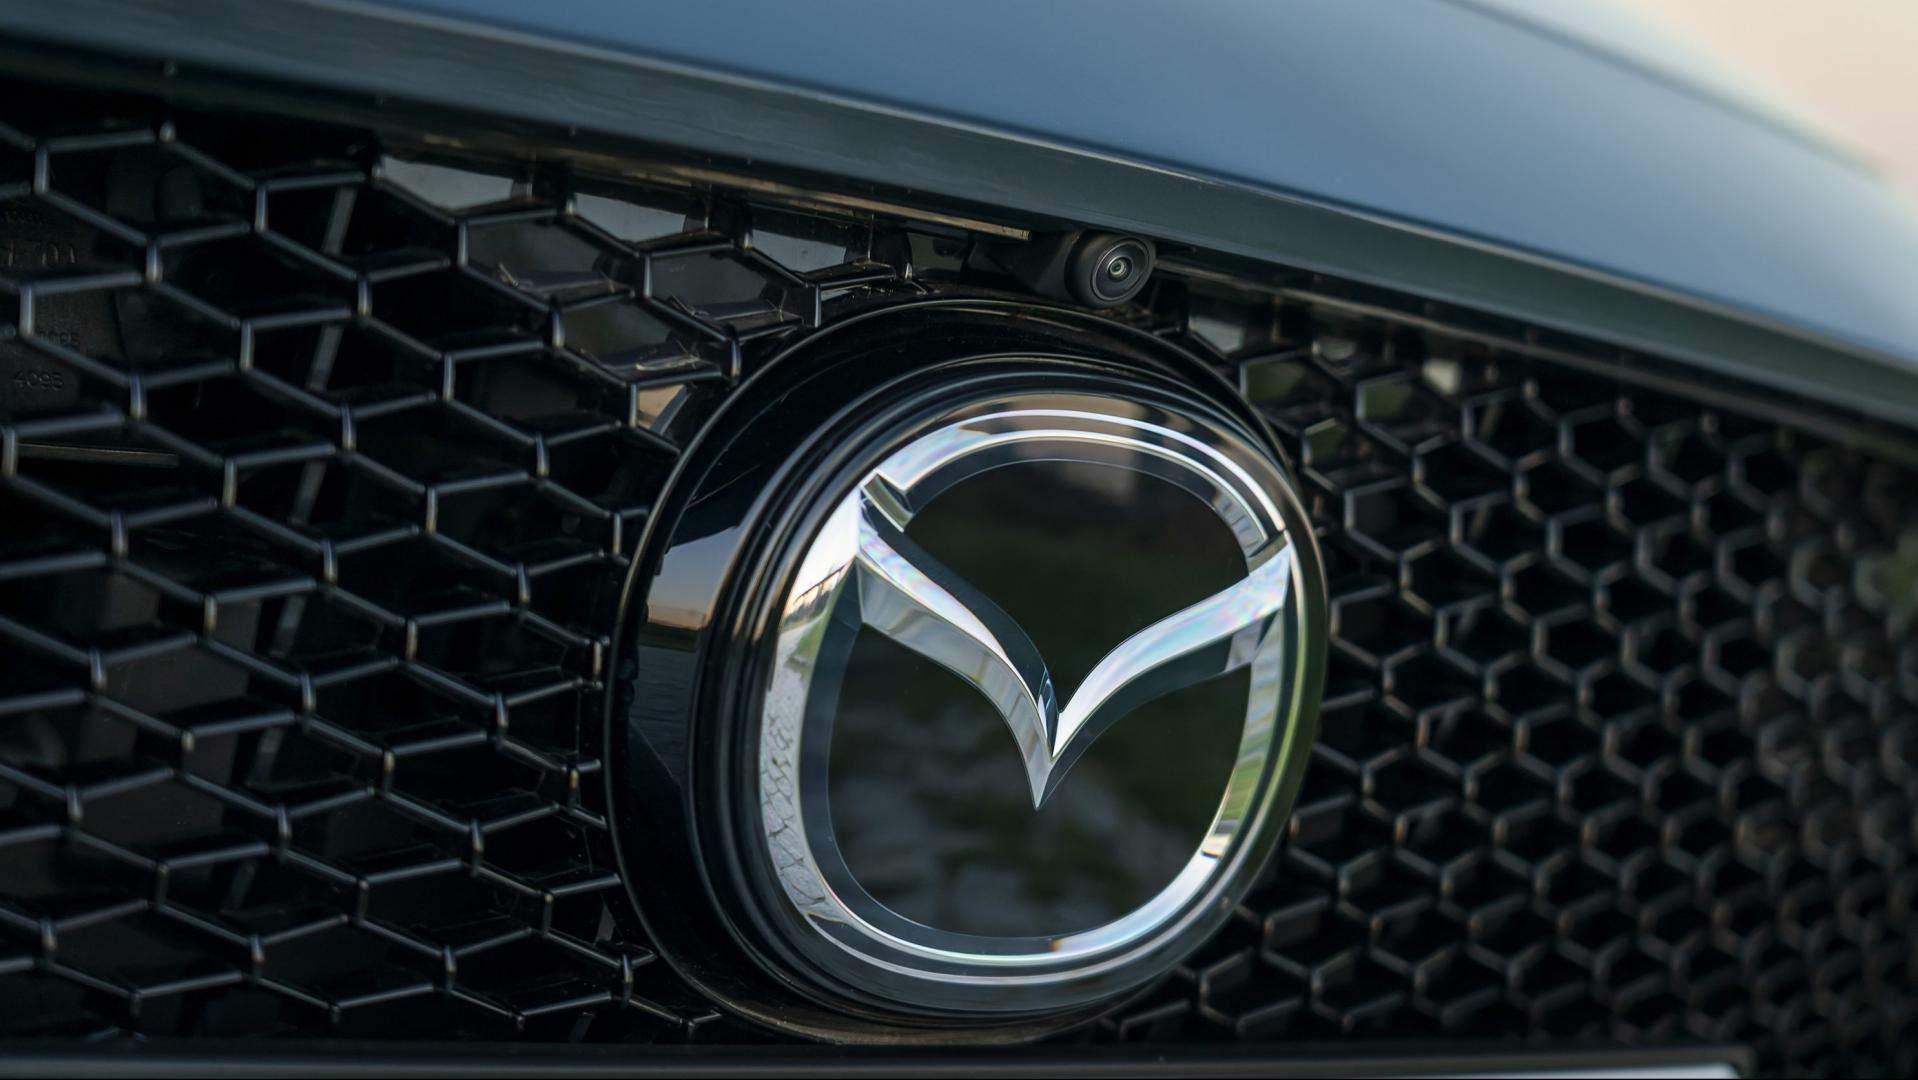 Mazda 3 2.0 SkyActiv-G 122 6MT Hatchback logo